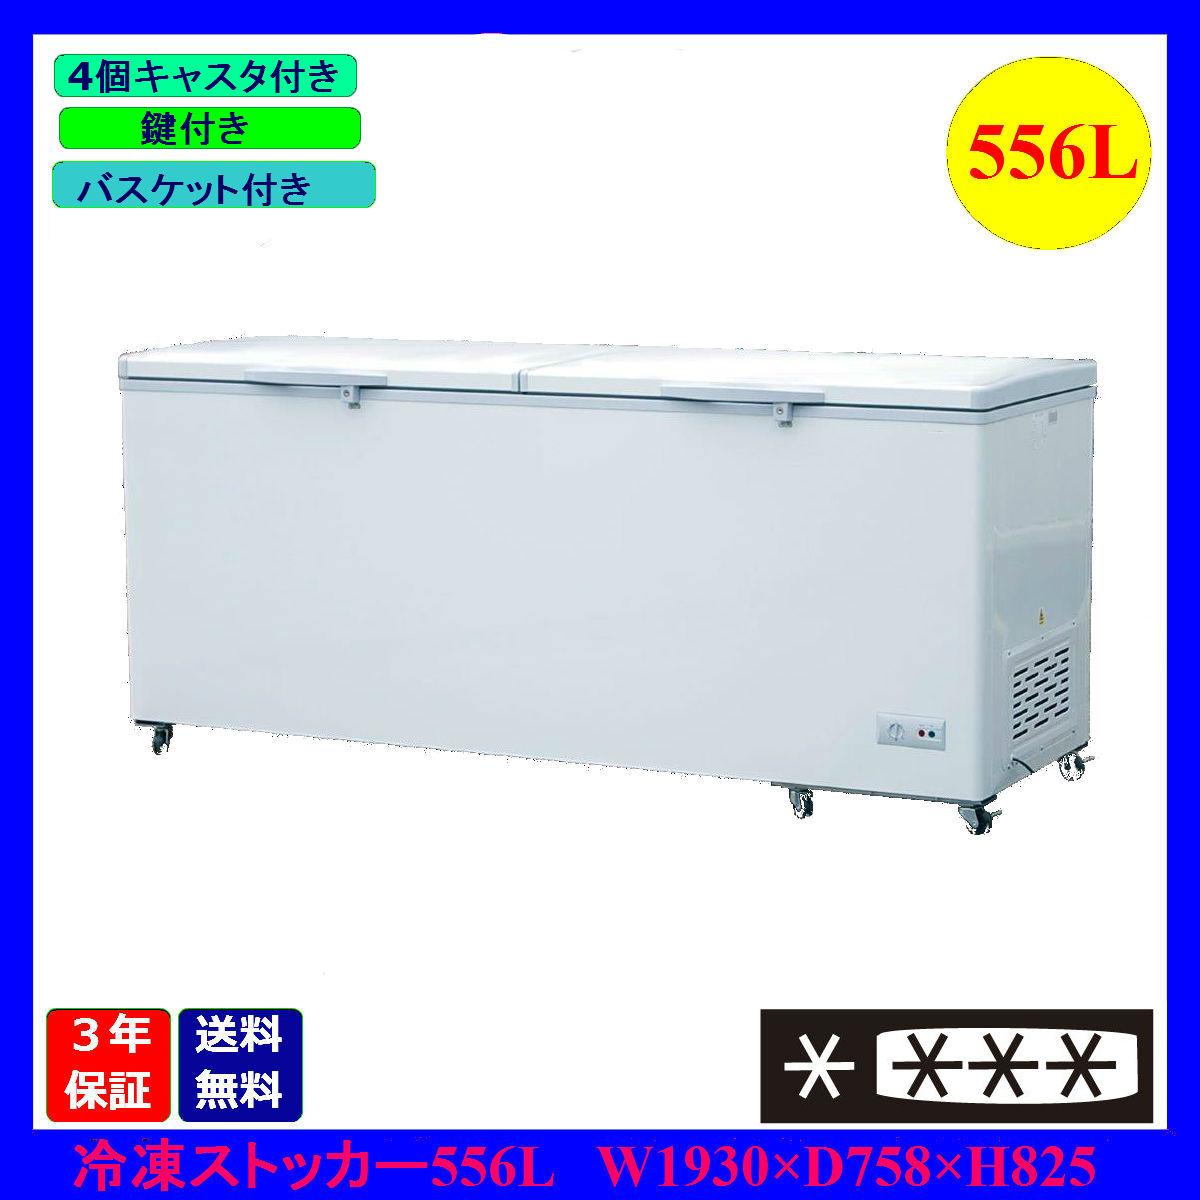 【送料無料】【新品・未使用】(オープンタイプ) 業務用 3年保証 冷凍ストッカー 556L SHR-556OR